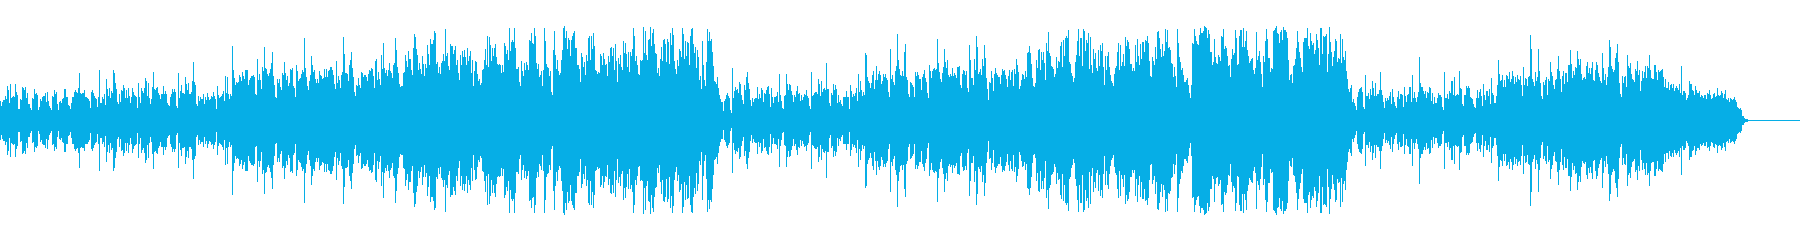 アコギ主体の爽やかなインストの再生済みの波形